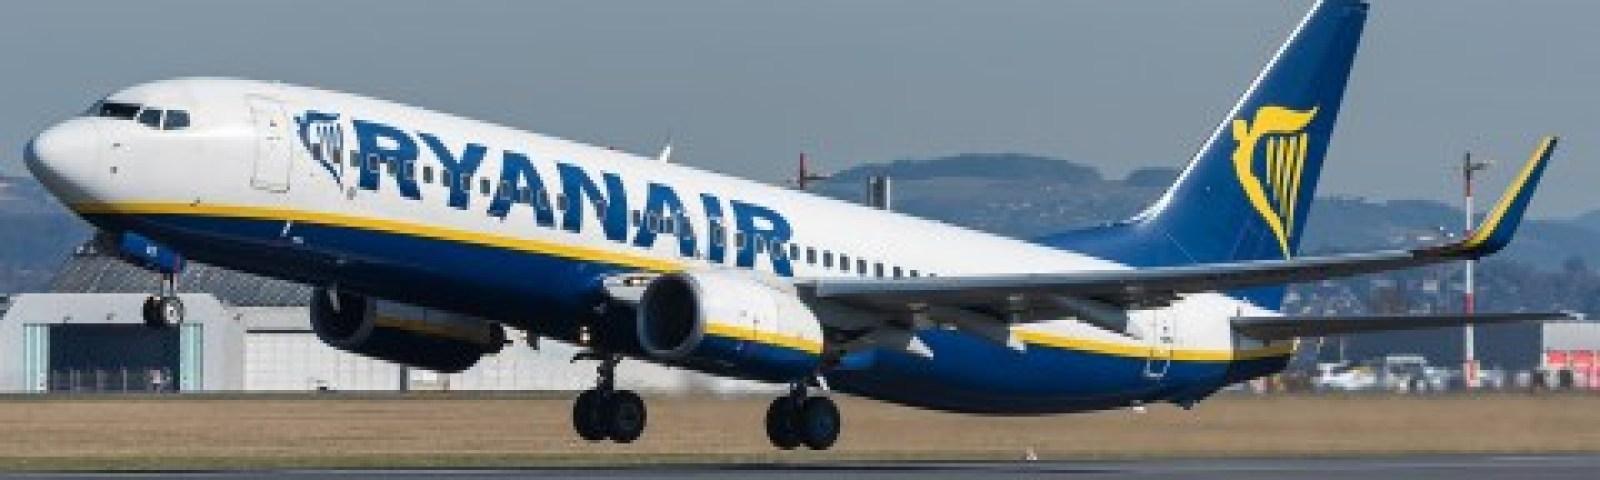 Ryanair – обзор крупнейшего лоукостера Европы